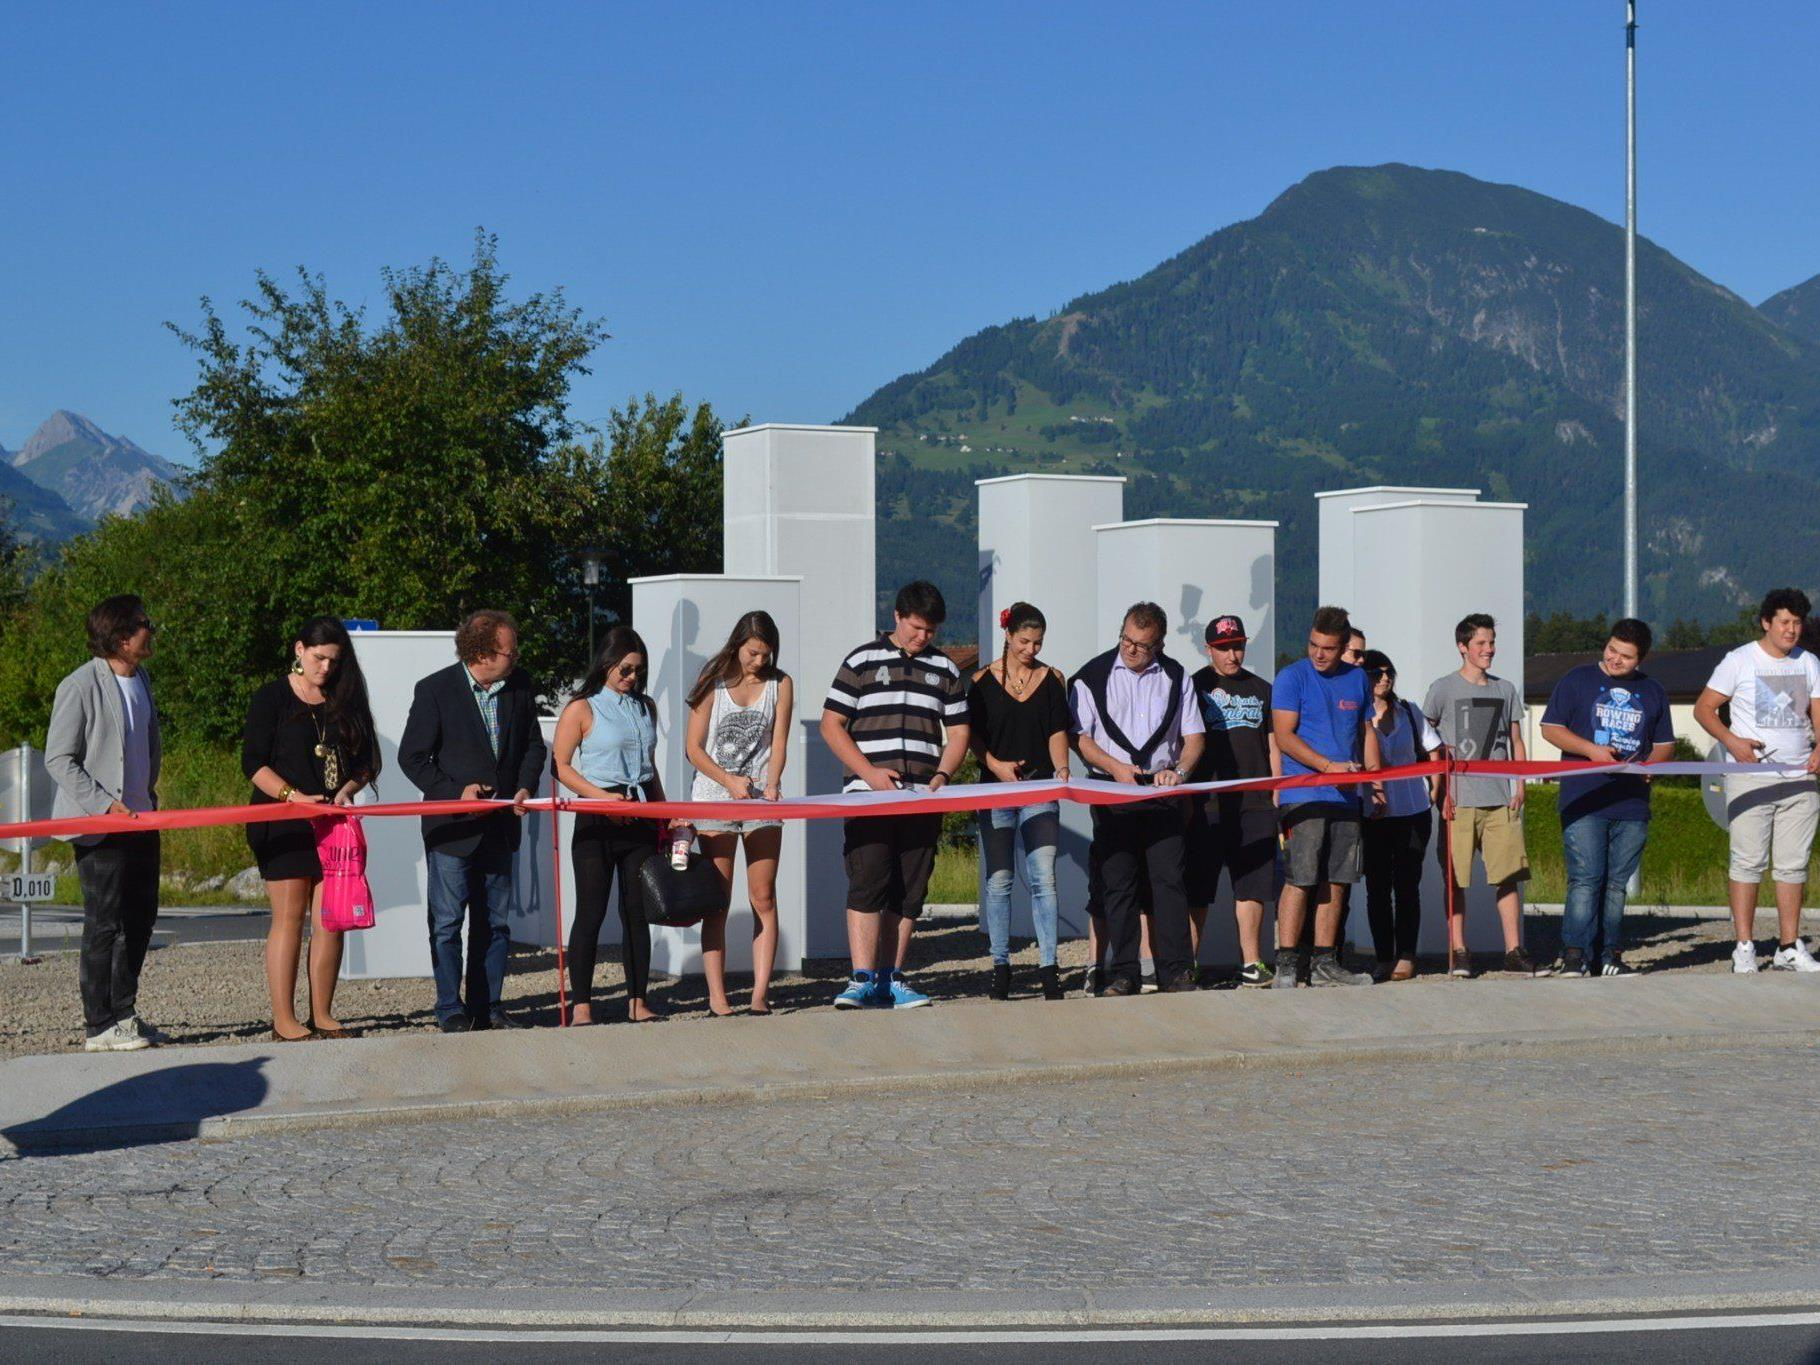 Offizielle Eröffnung des neuen Kreisverkehrs, an dem 30 HiPos-Lehrlinge mitgewirkt haben.